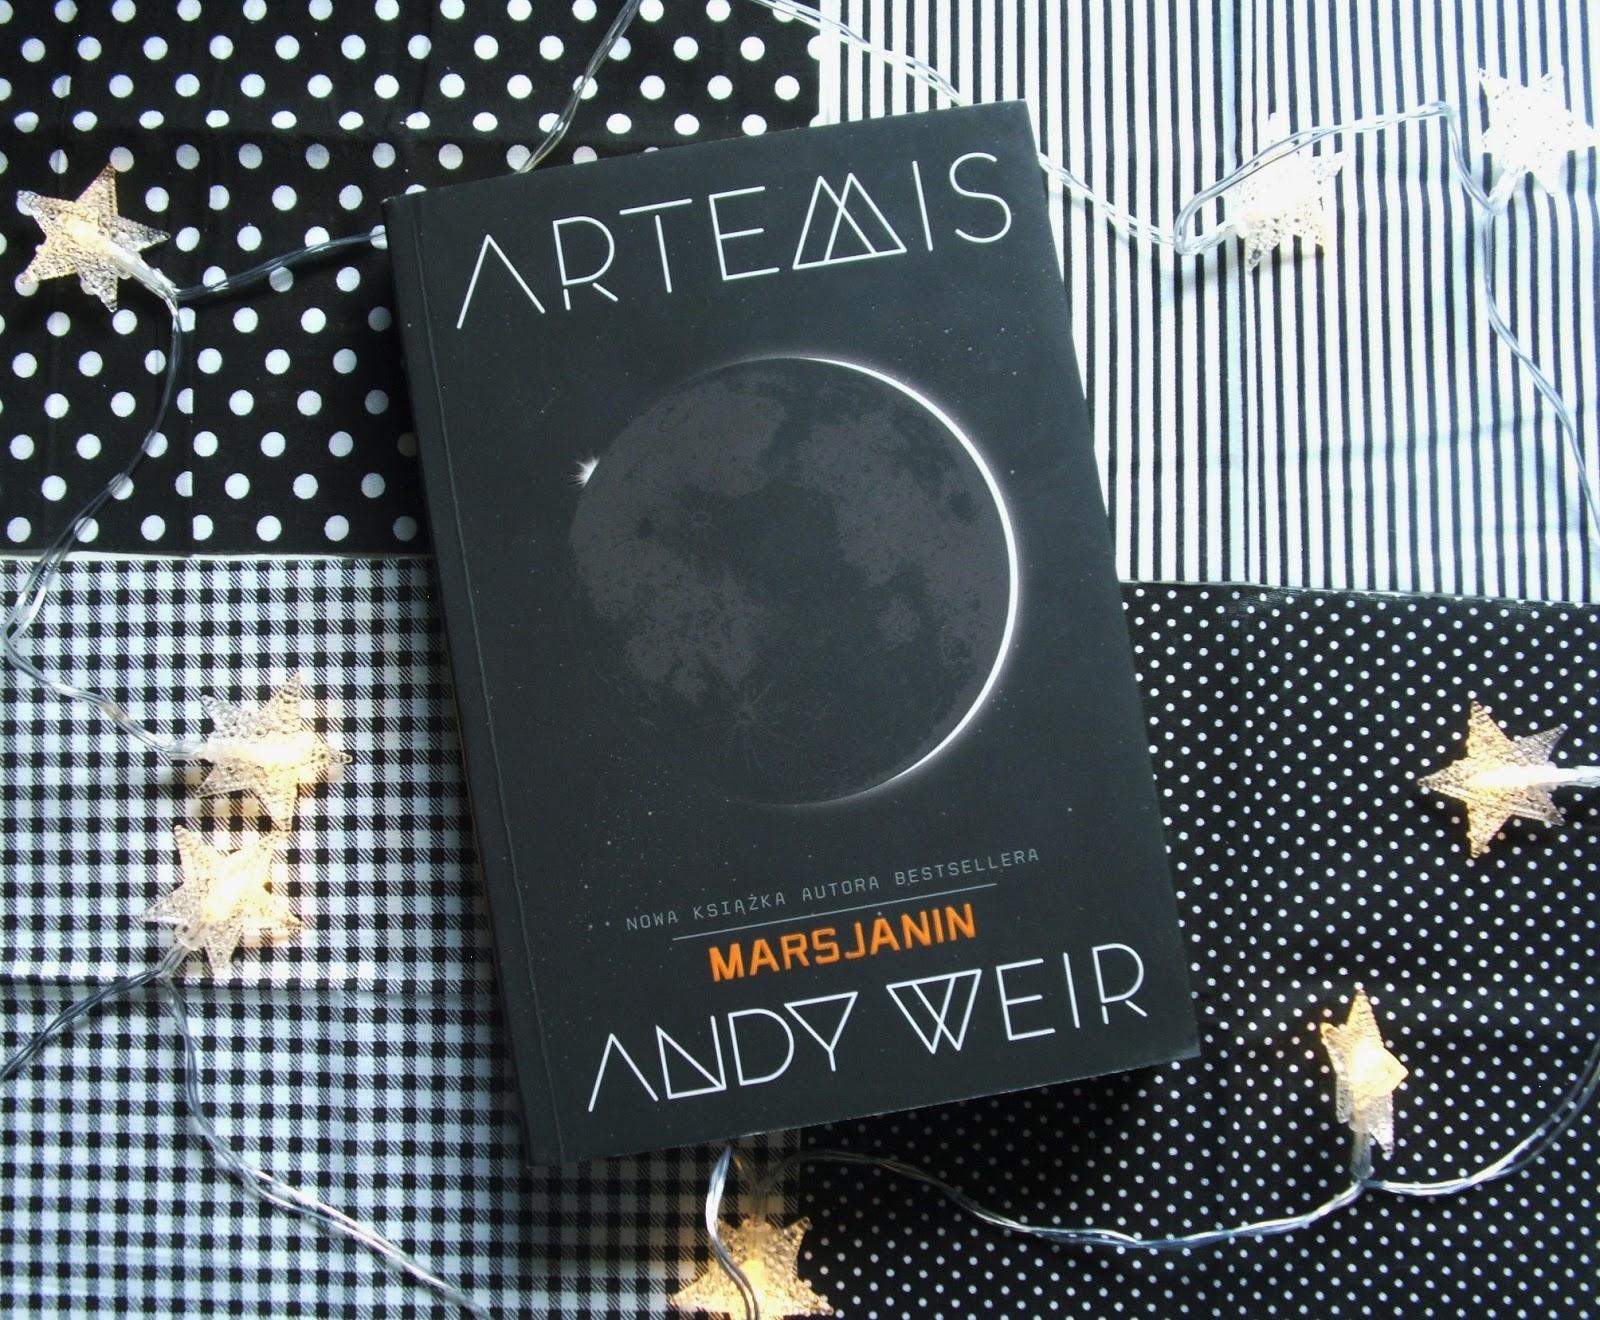 """Zabieram Was na księżyc, czyli Andy Weir i """"Artemis"""""""